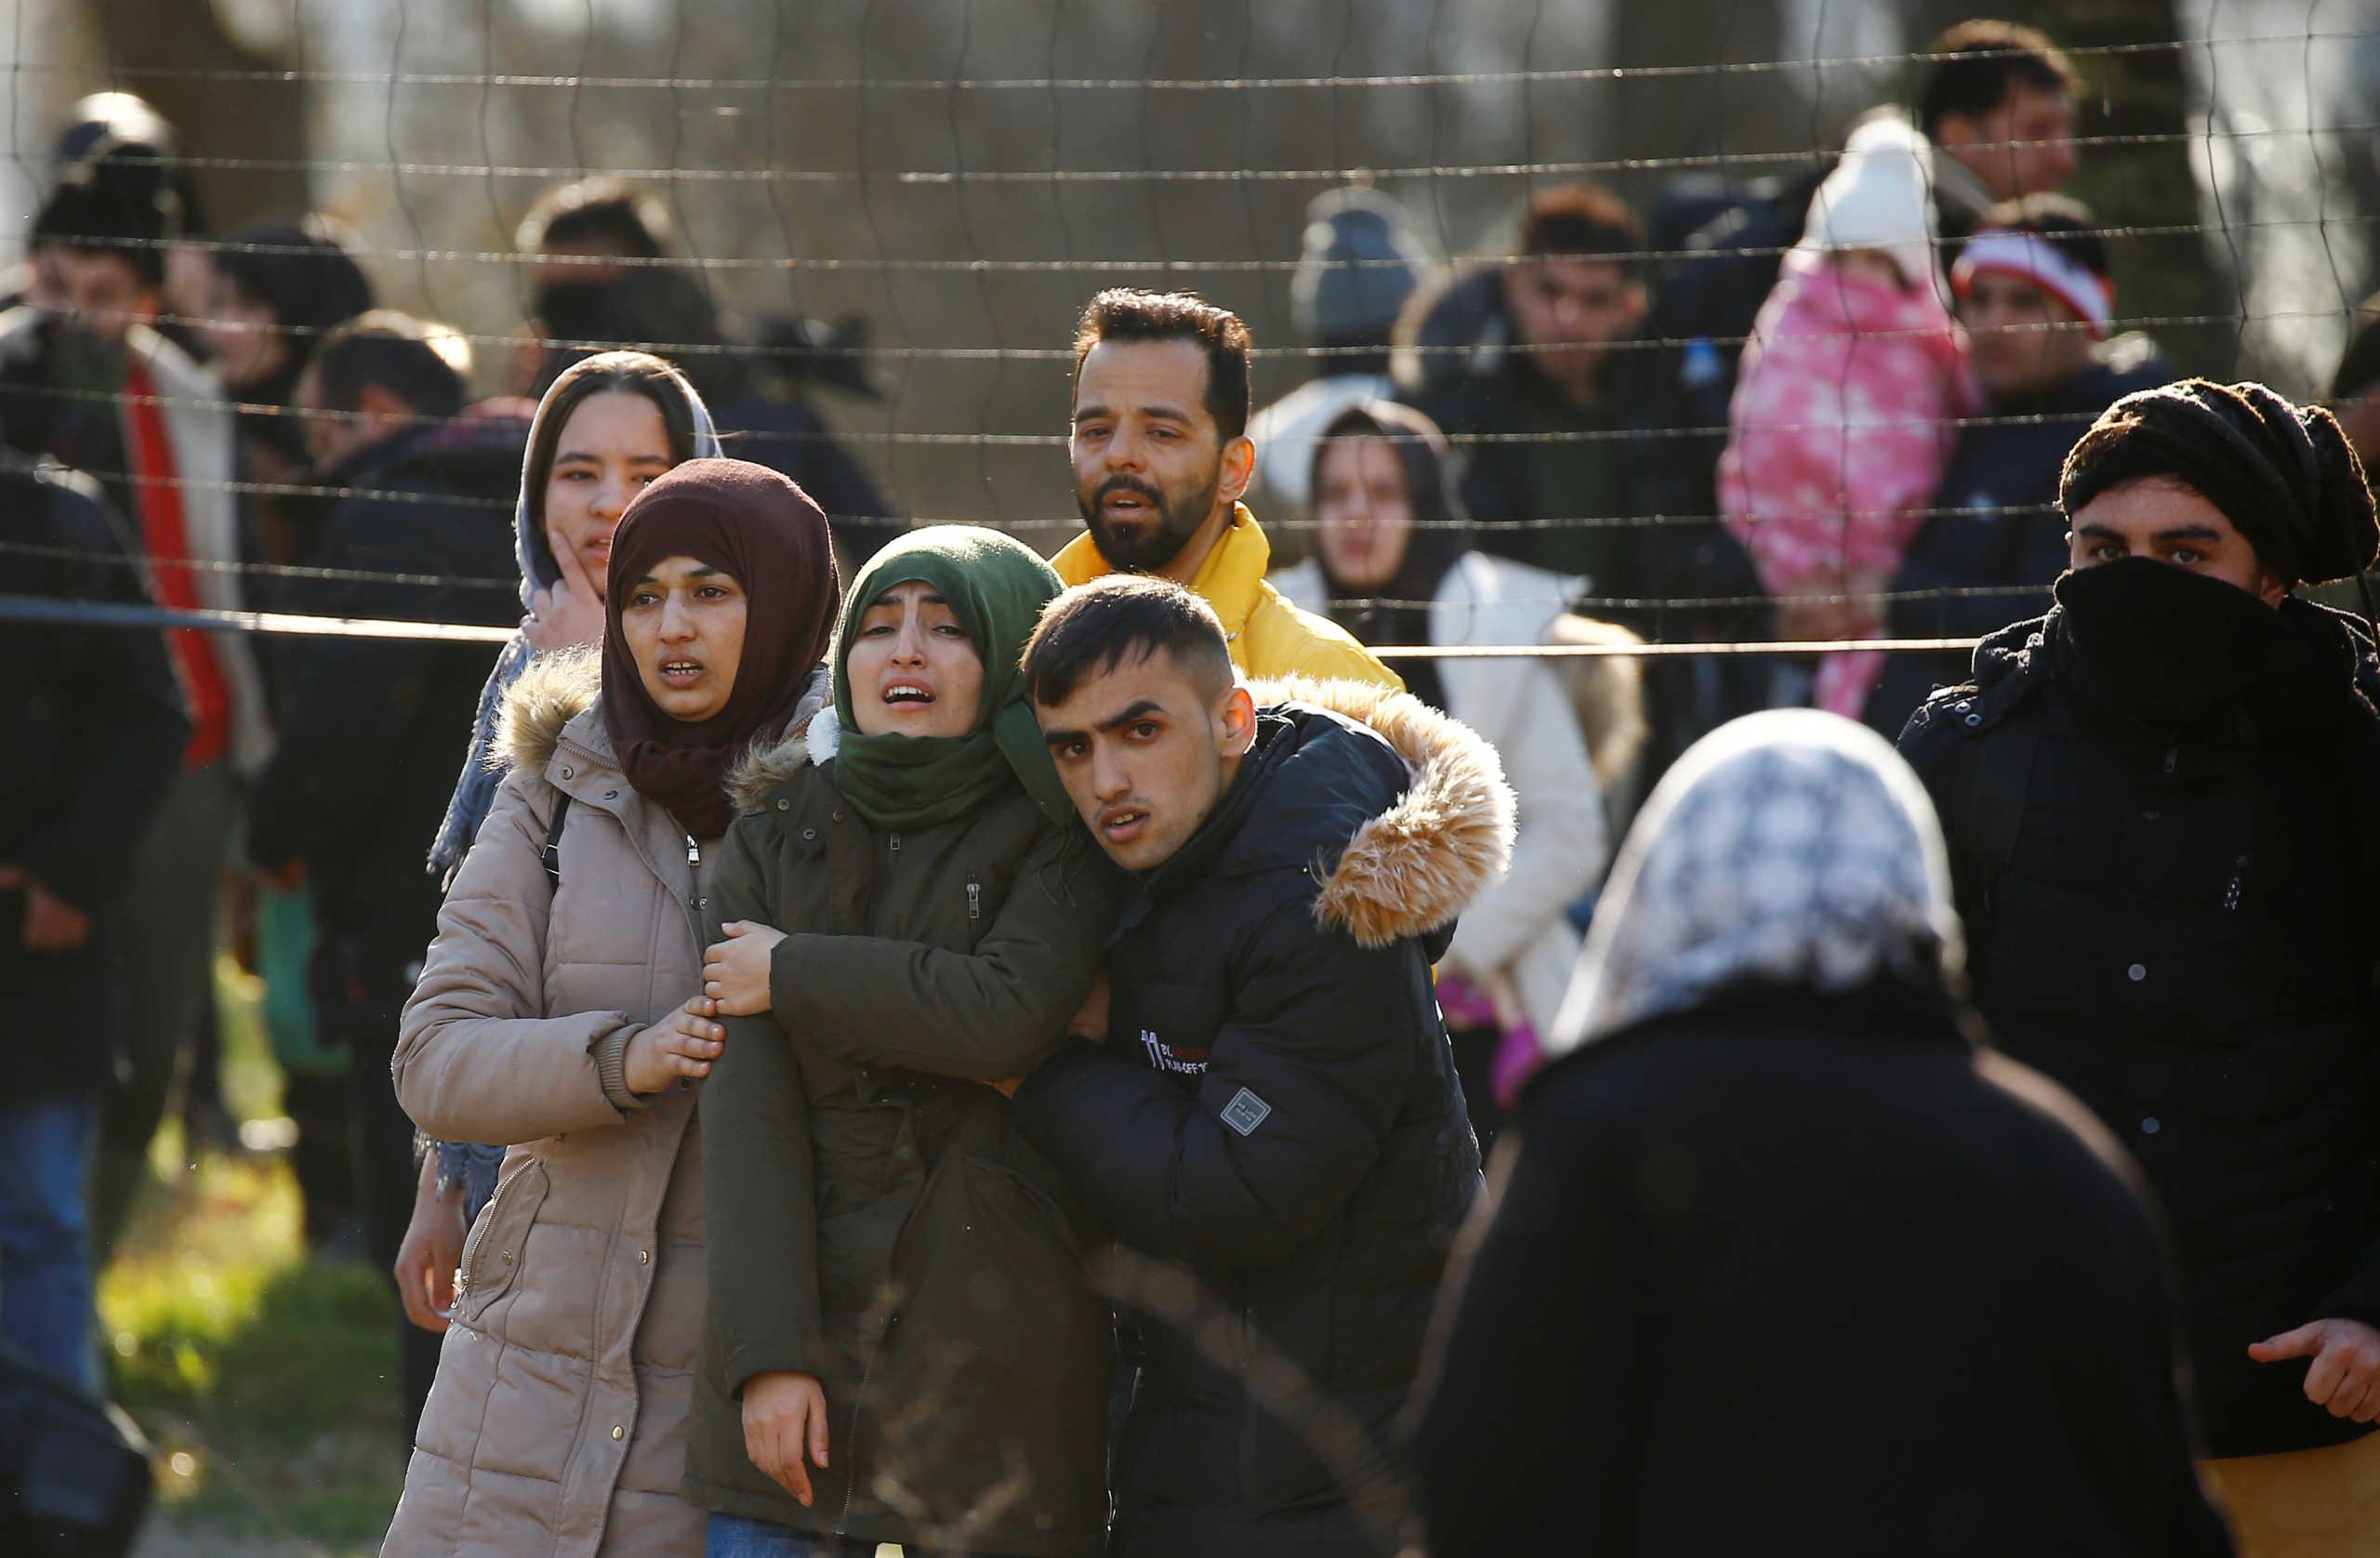 Τι προβλέπει το άρθρο της Συνθήκης της ΕΕ που επικαλείται η κυβέρνηση για το προσφυγικό